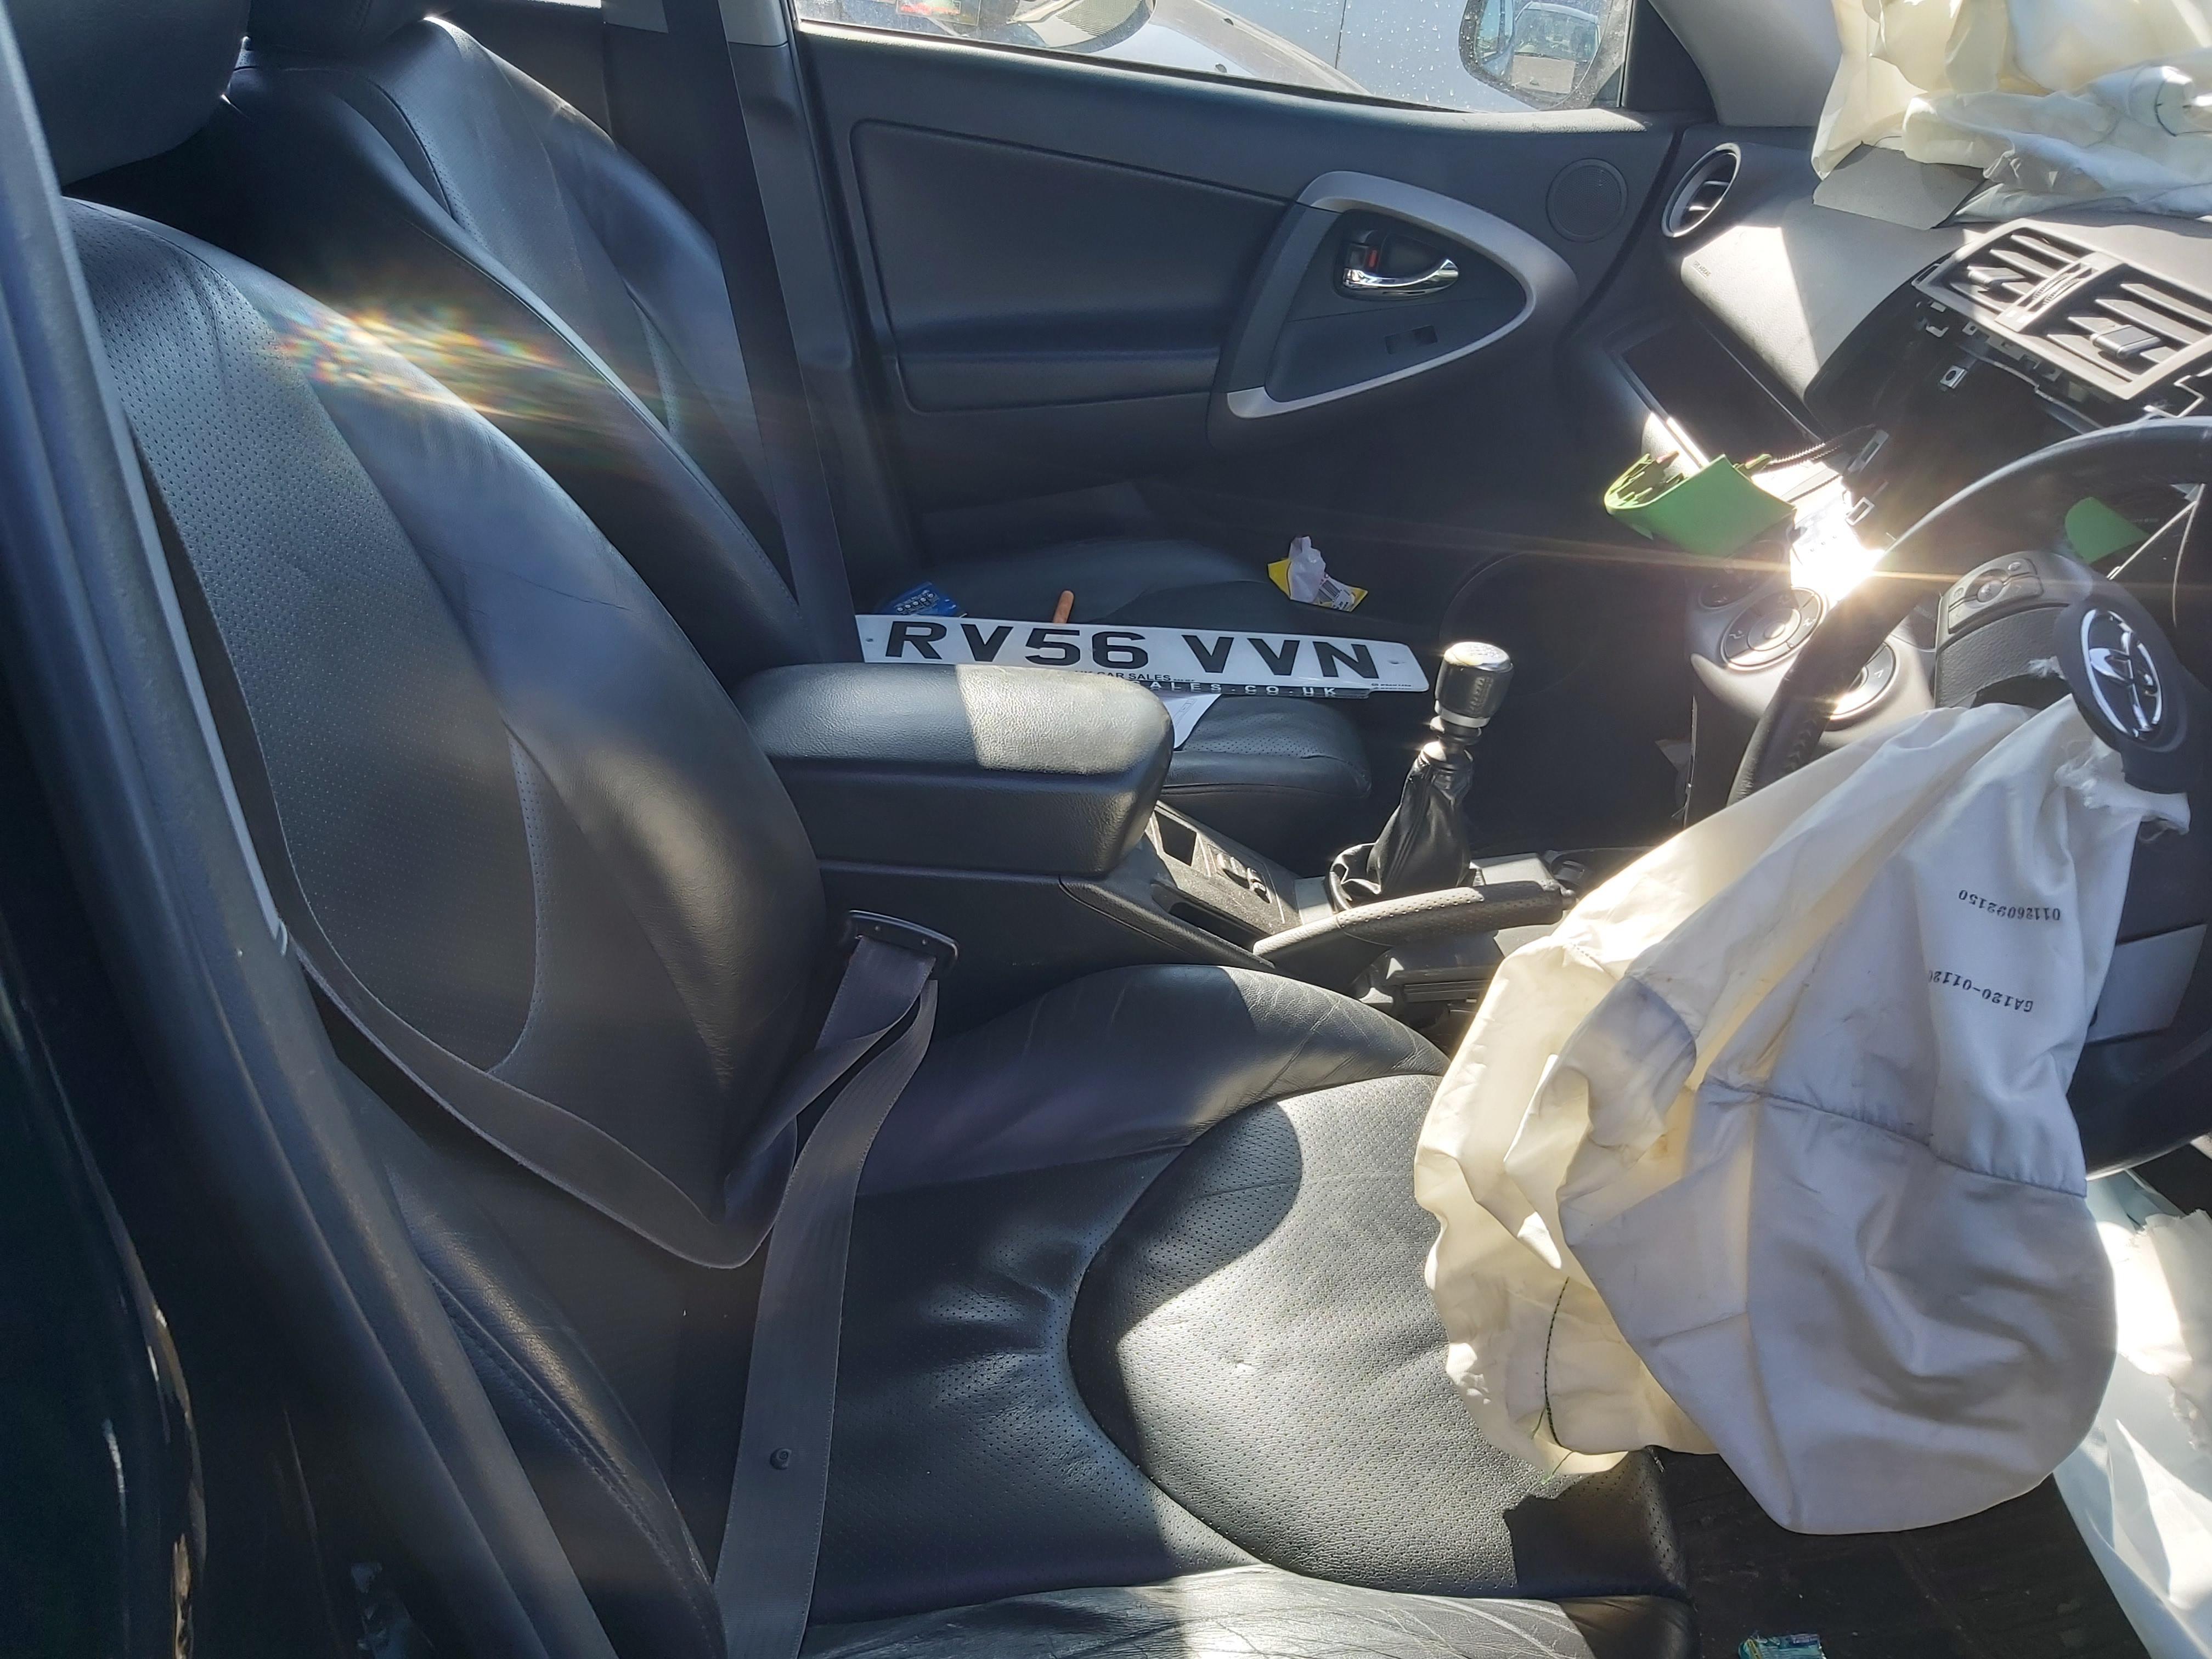 Подержанные Автозапчасти Foto 9 Toyota RAV-4 2006 2.2 машиностроение напрямик 4/5 d. черный 2020-3-24 A5153